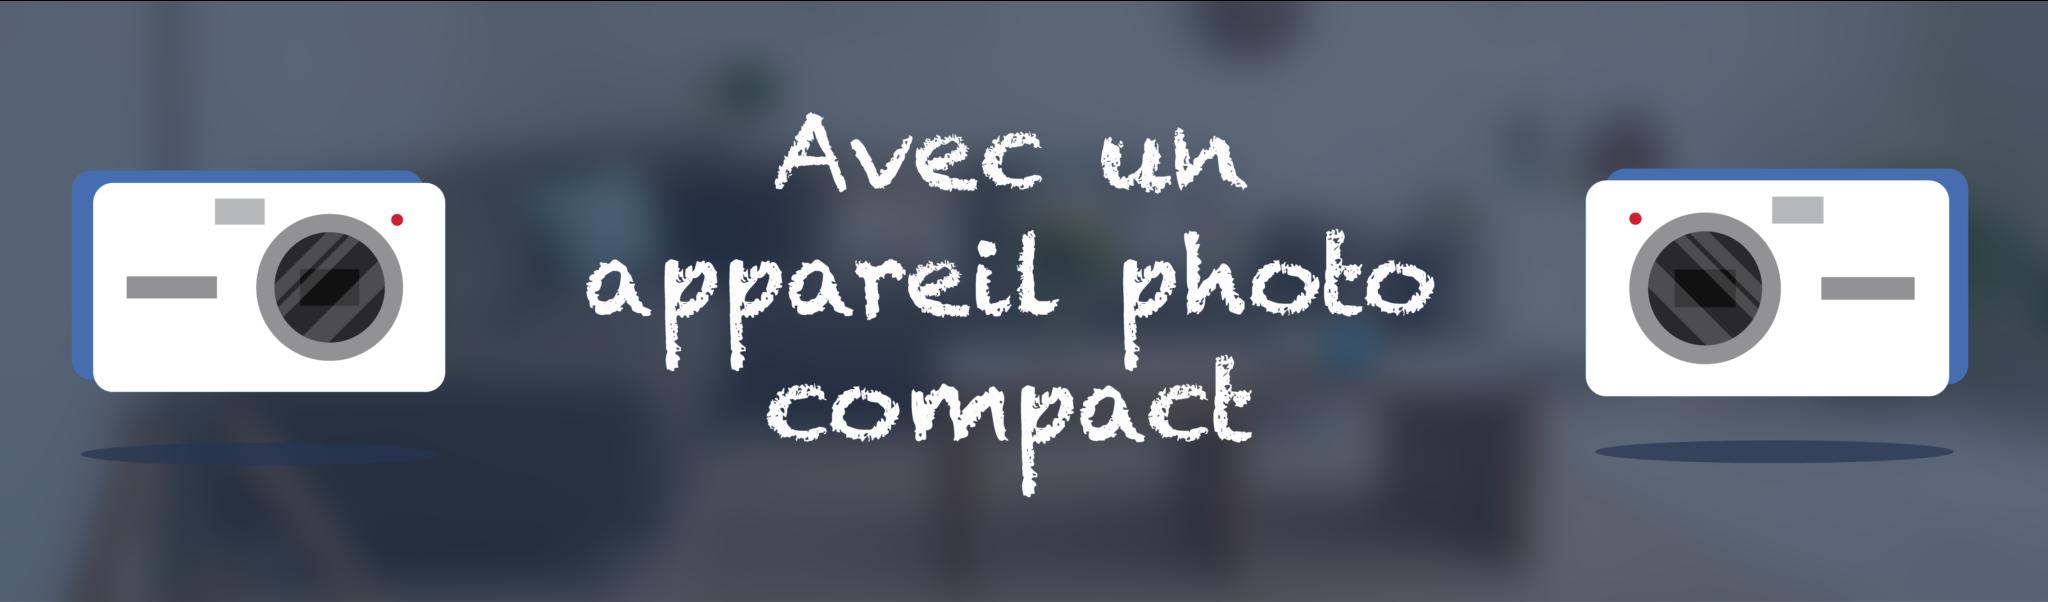 Solution Photos pour l'immobilier - Avec un appareil photo compact - Meilleure Visite